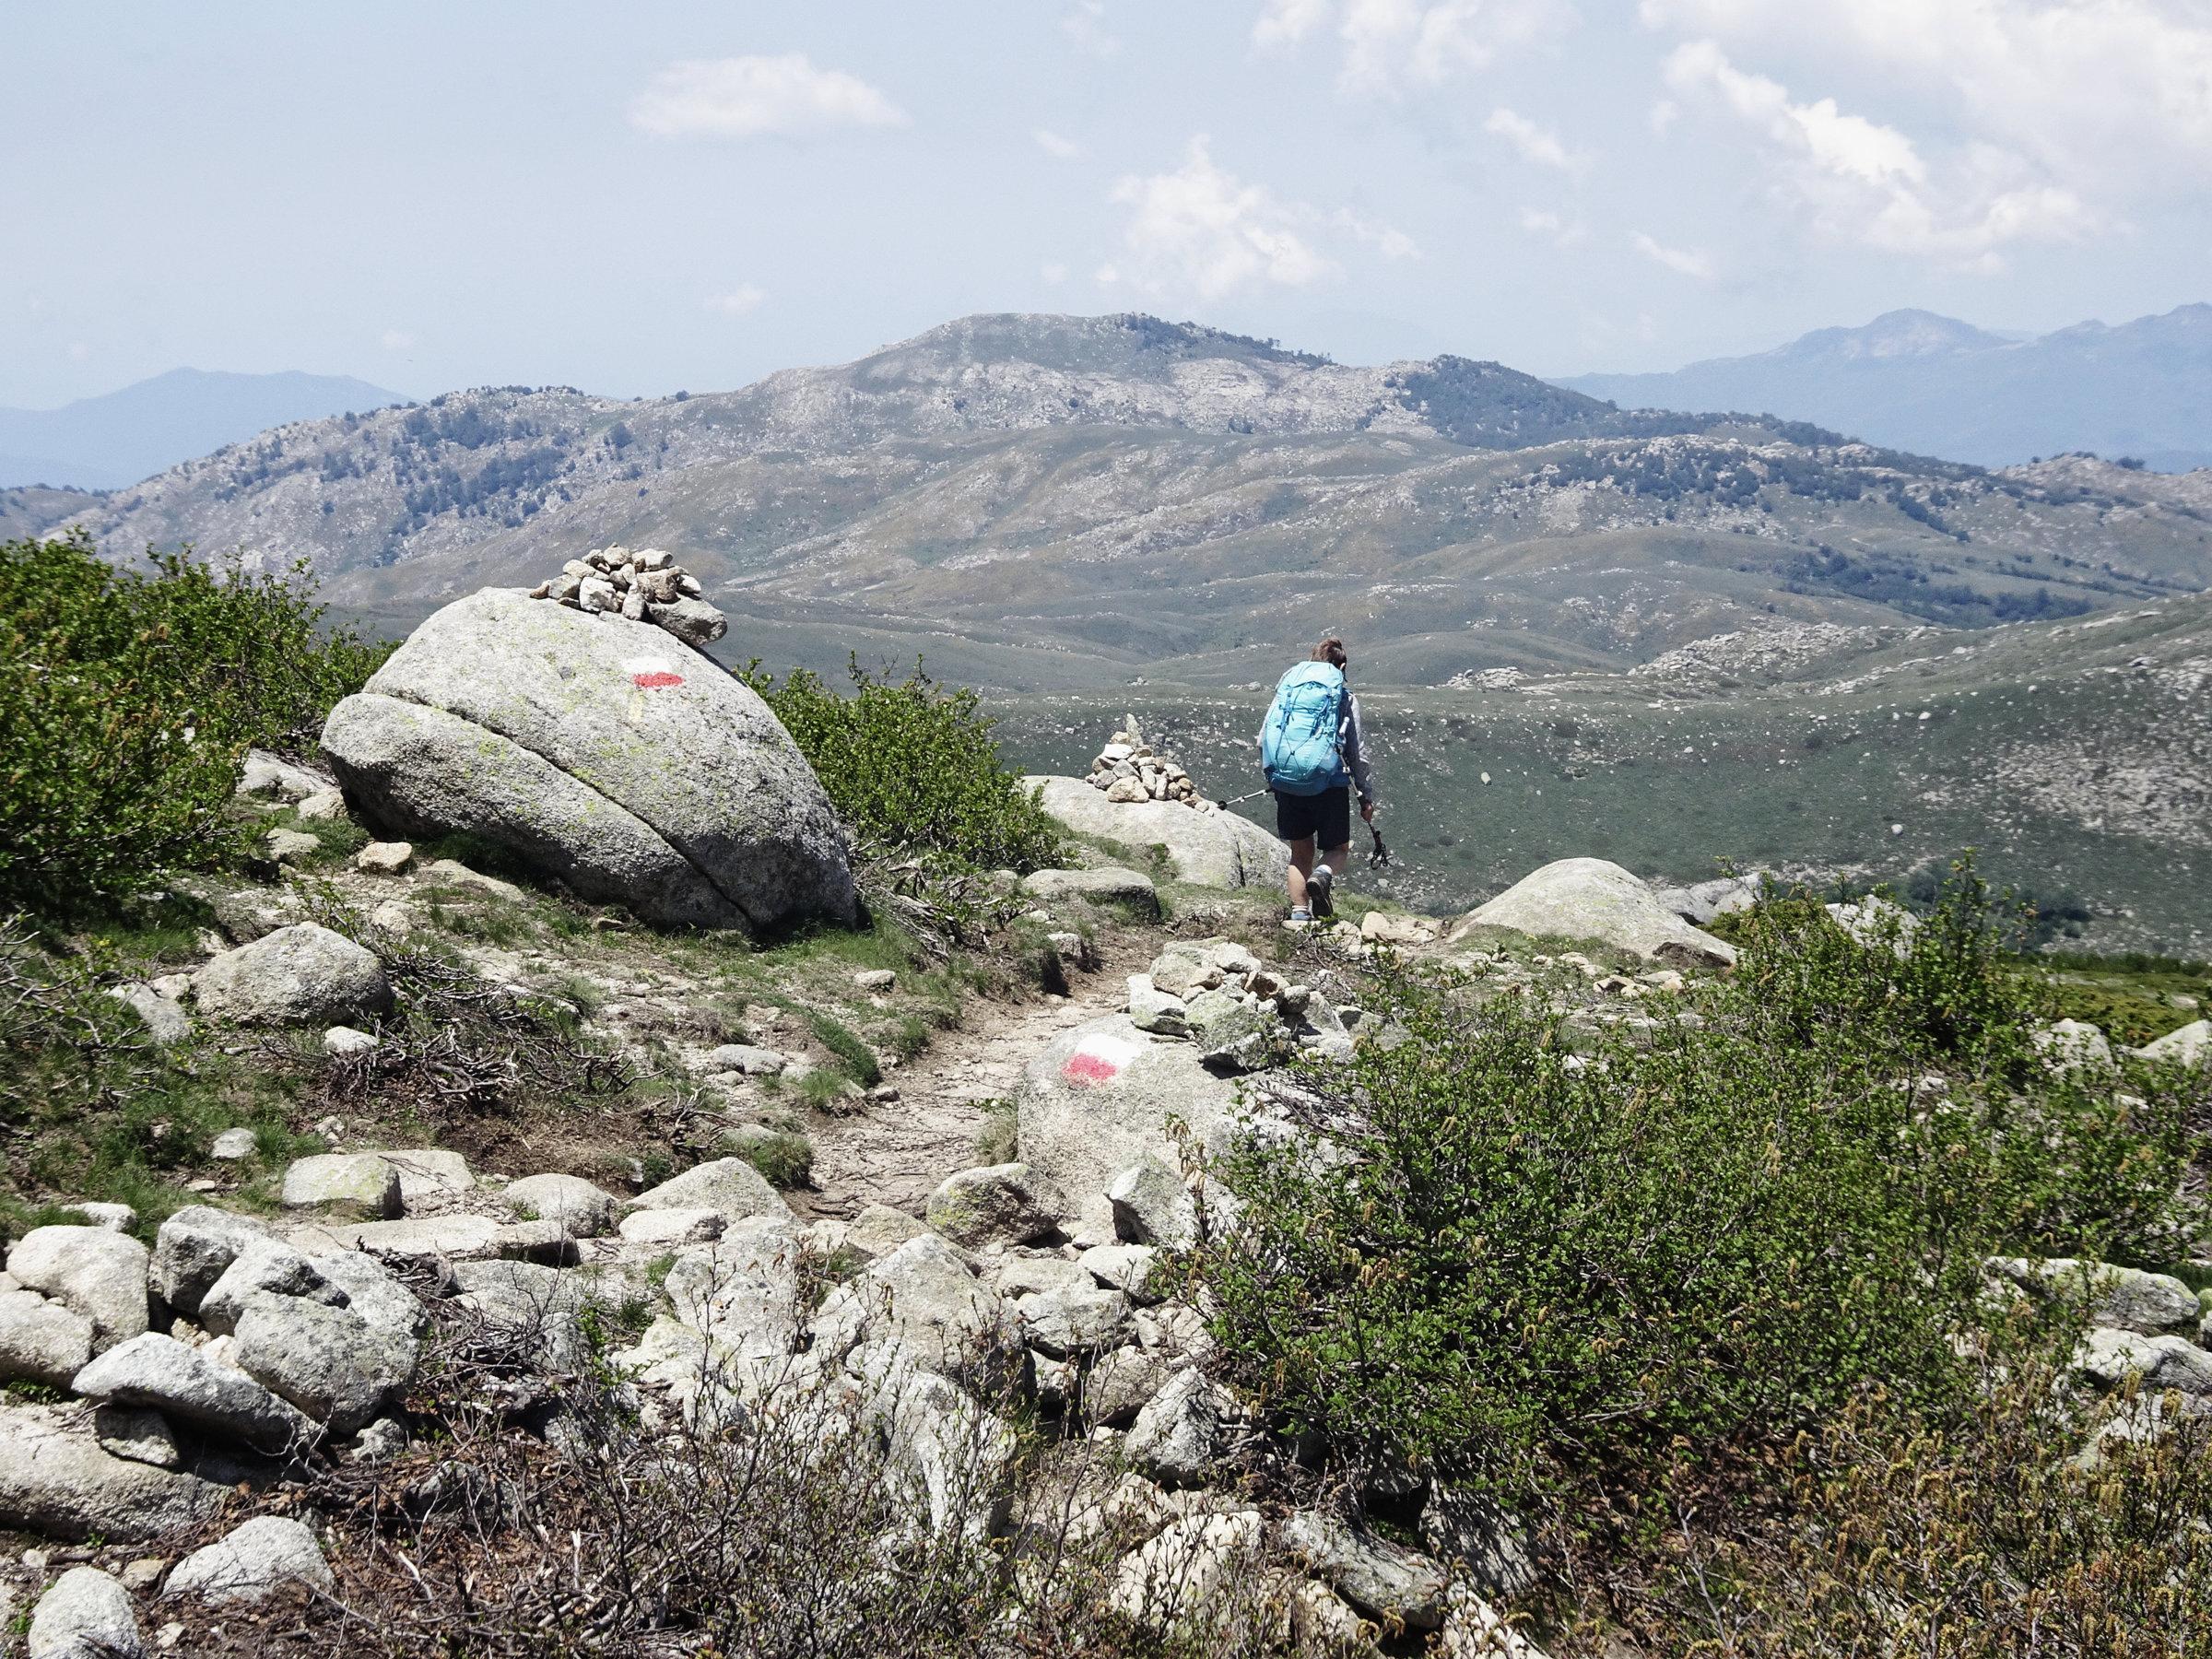 Abstieg vom Monte Incudine, Korsika, GR20 Weitwanderweg, Wandern, Berge, Frankreich